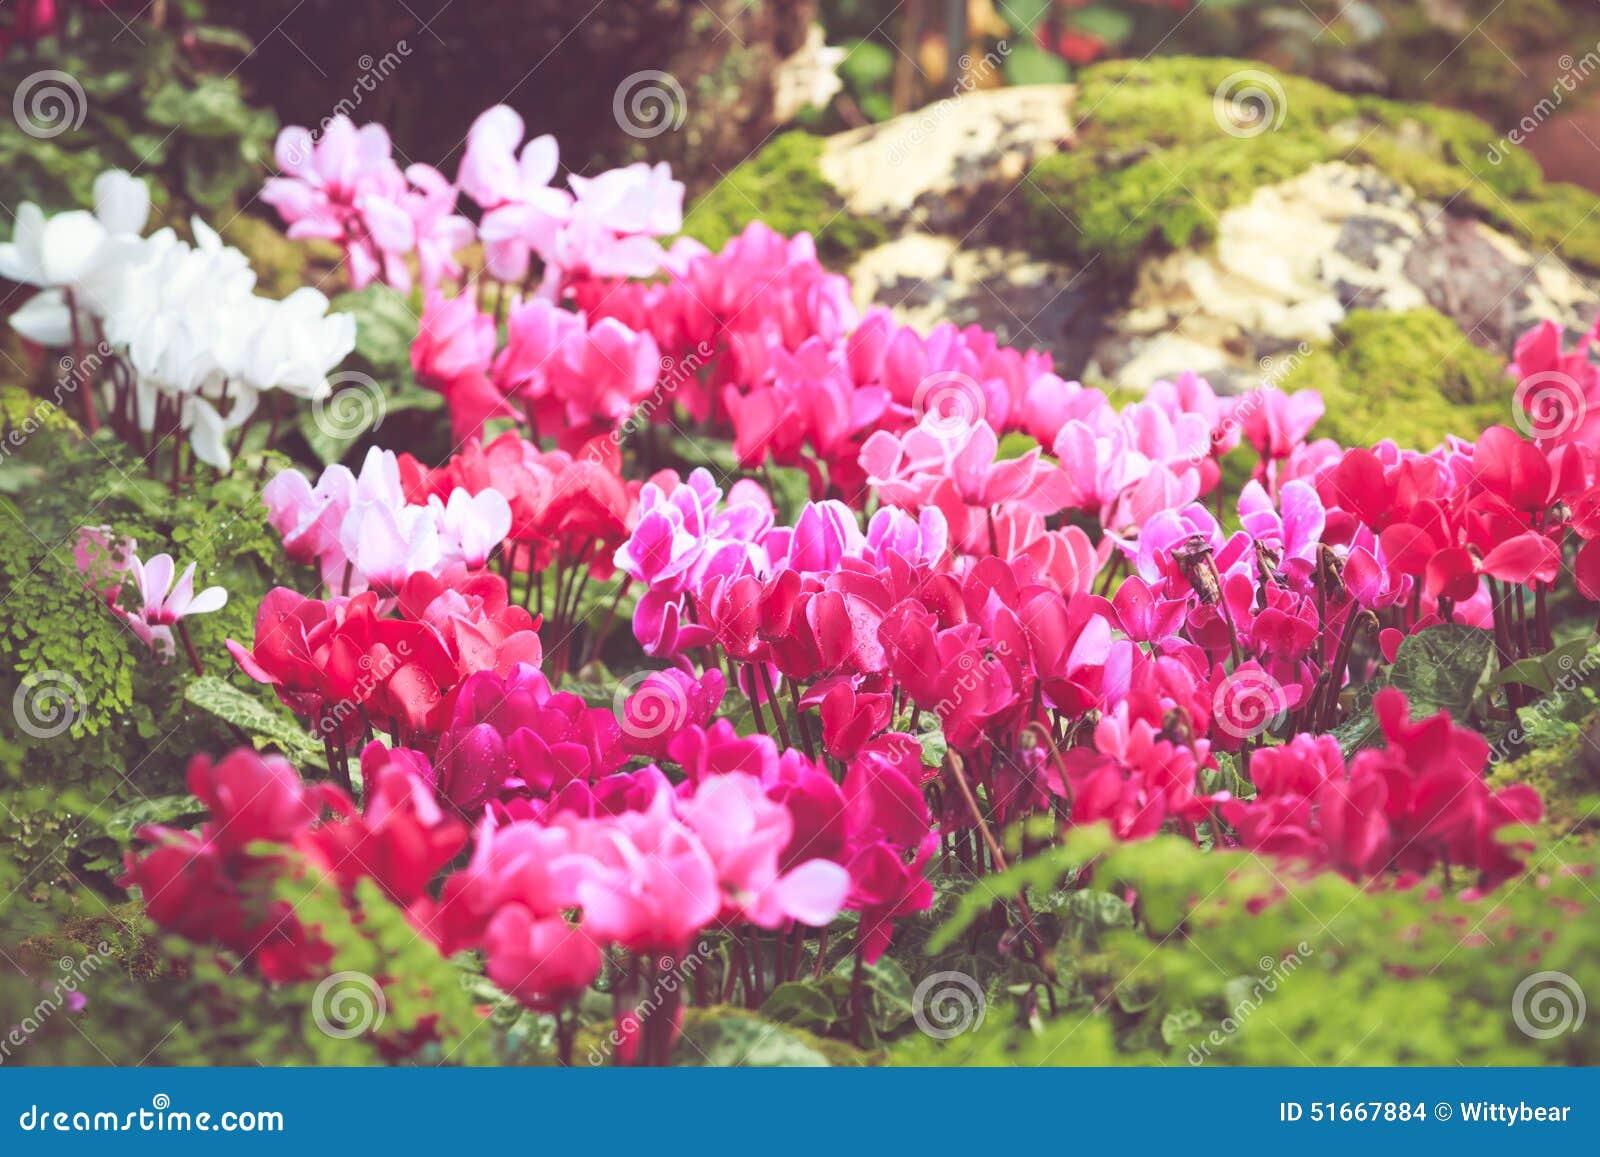 Petite Fleur Colorée De Fleur Dans Le Jardin Avec Le Rétro ...